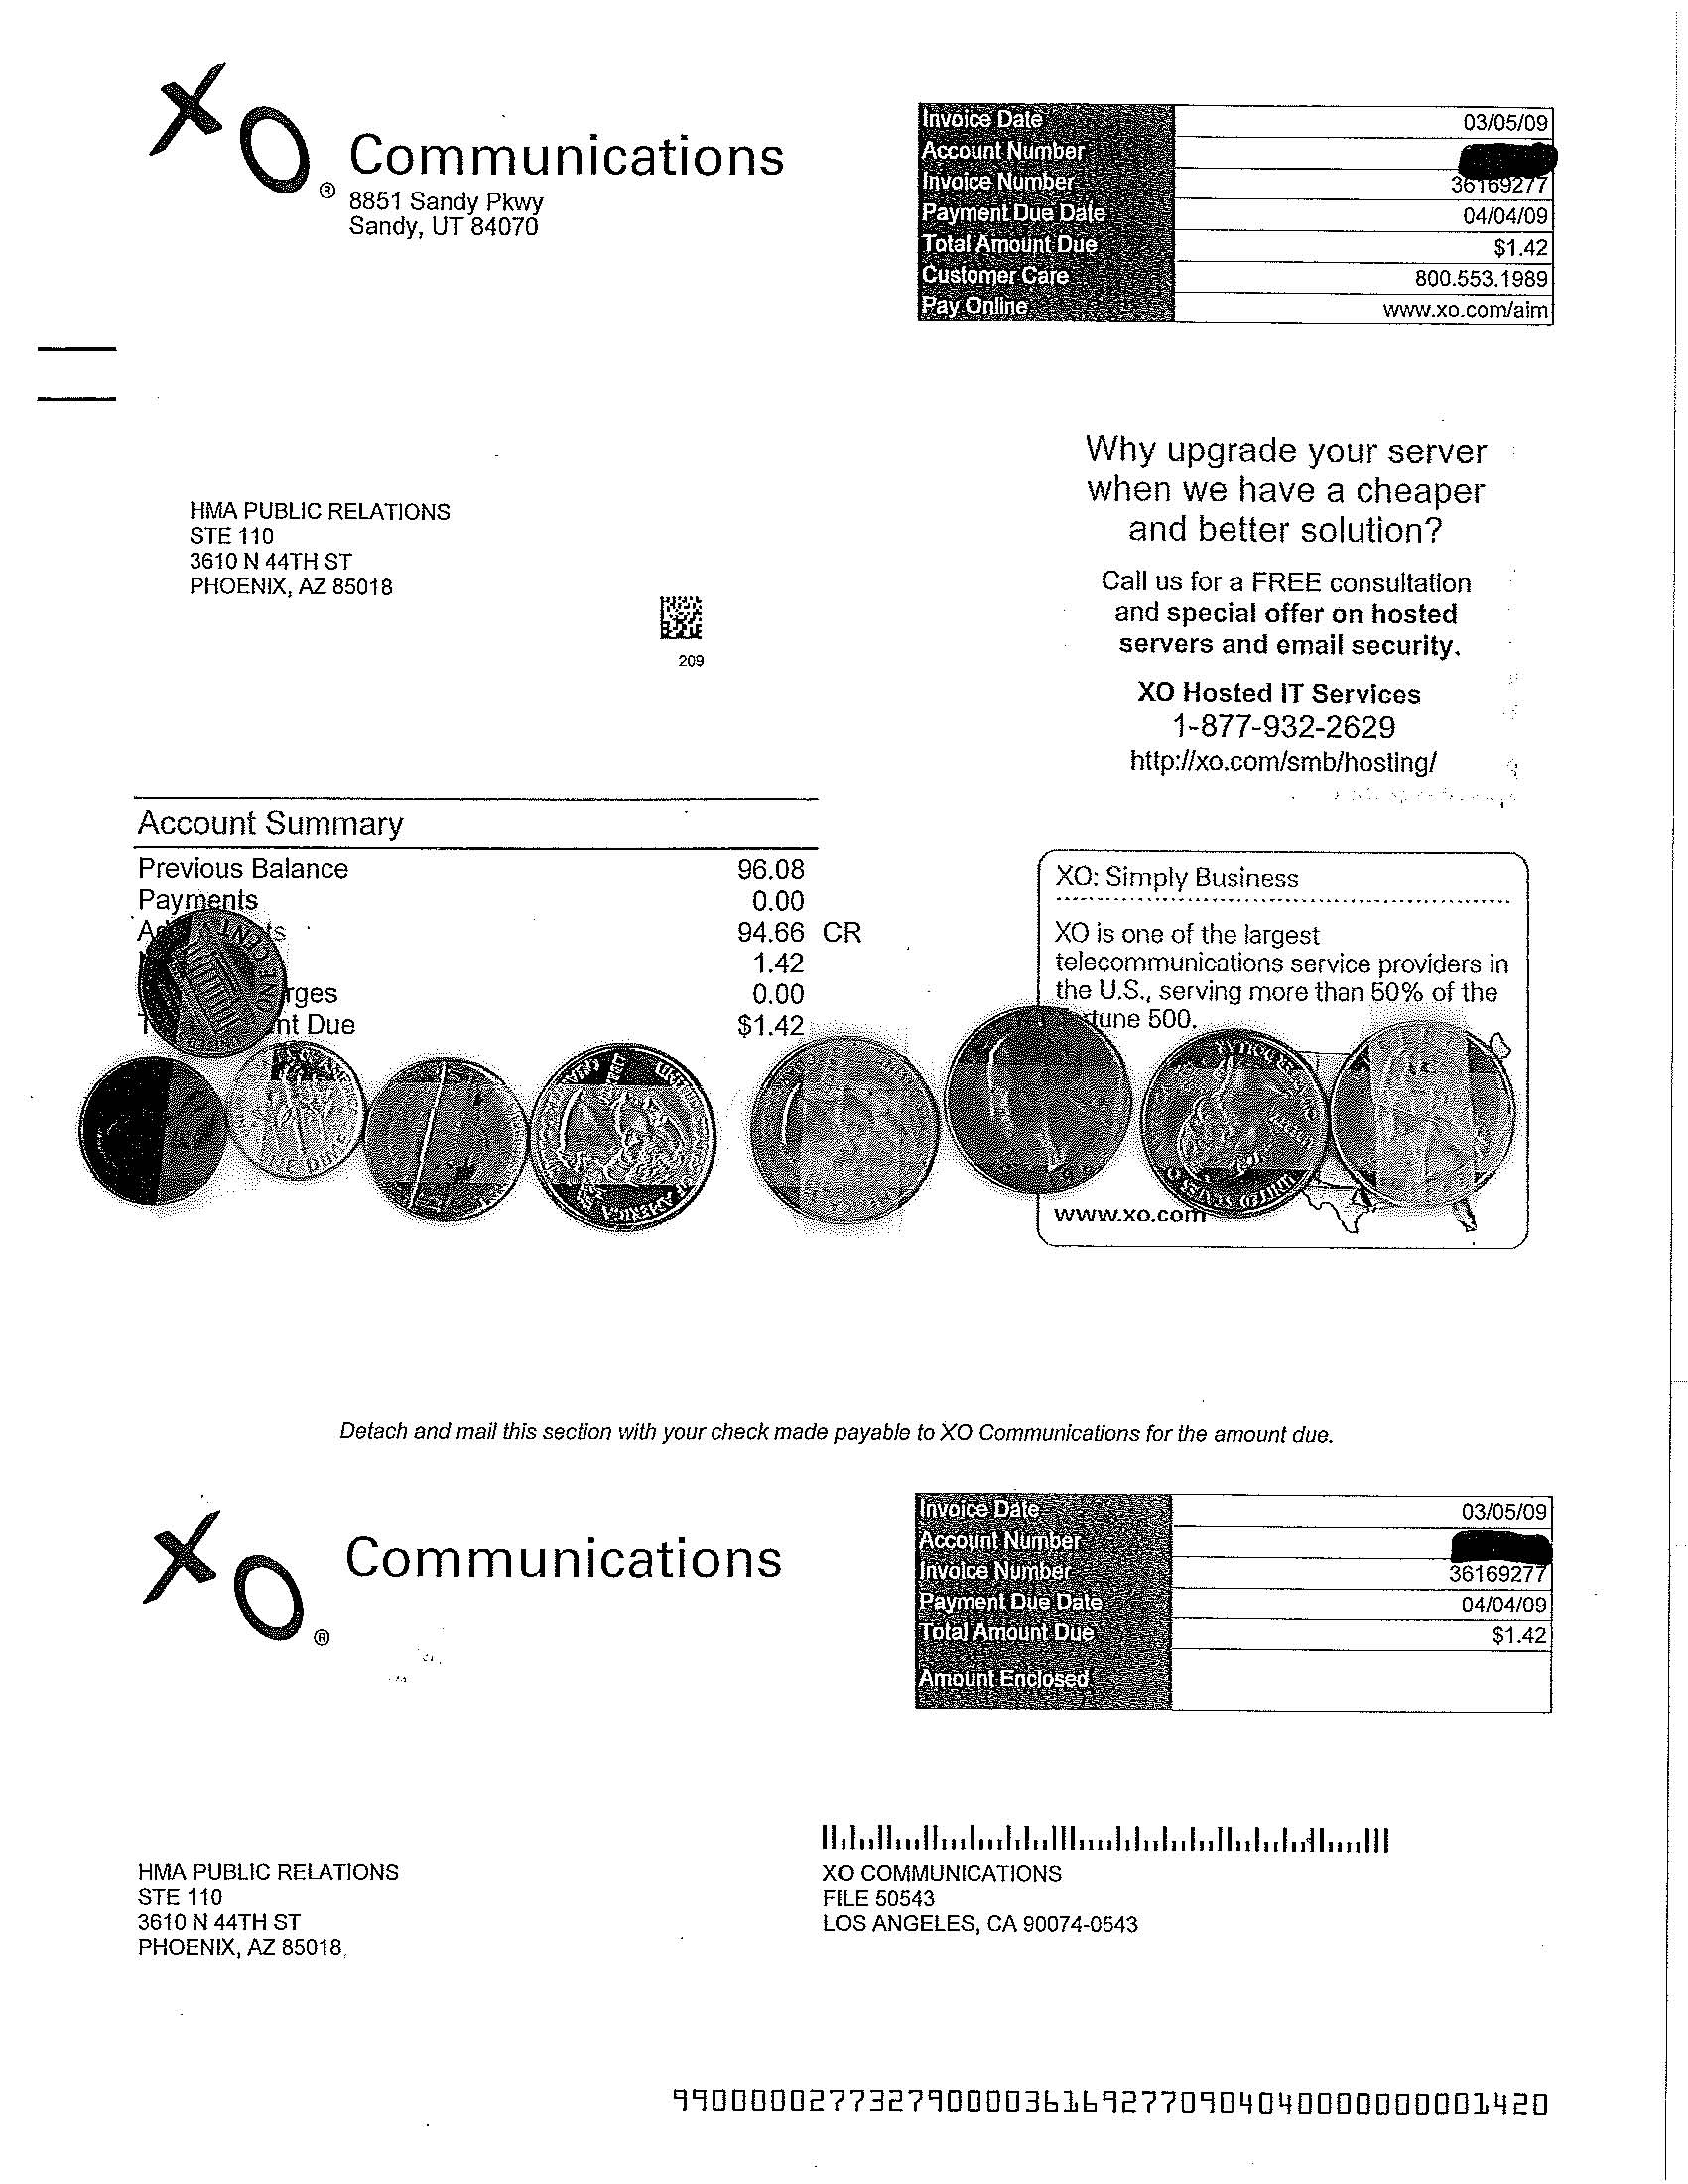 xo-communications